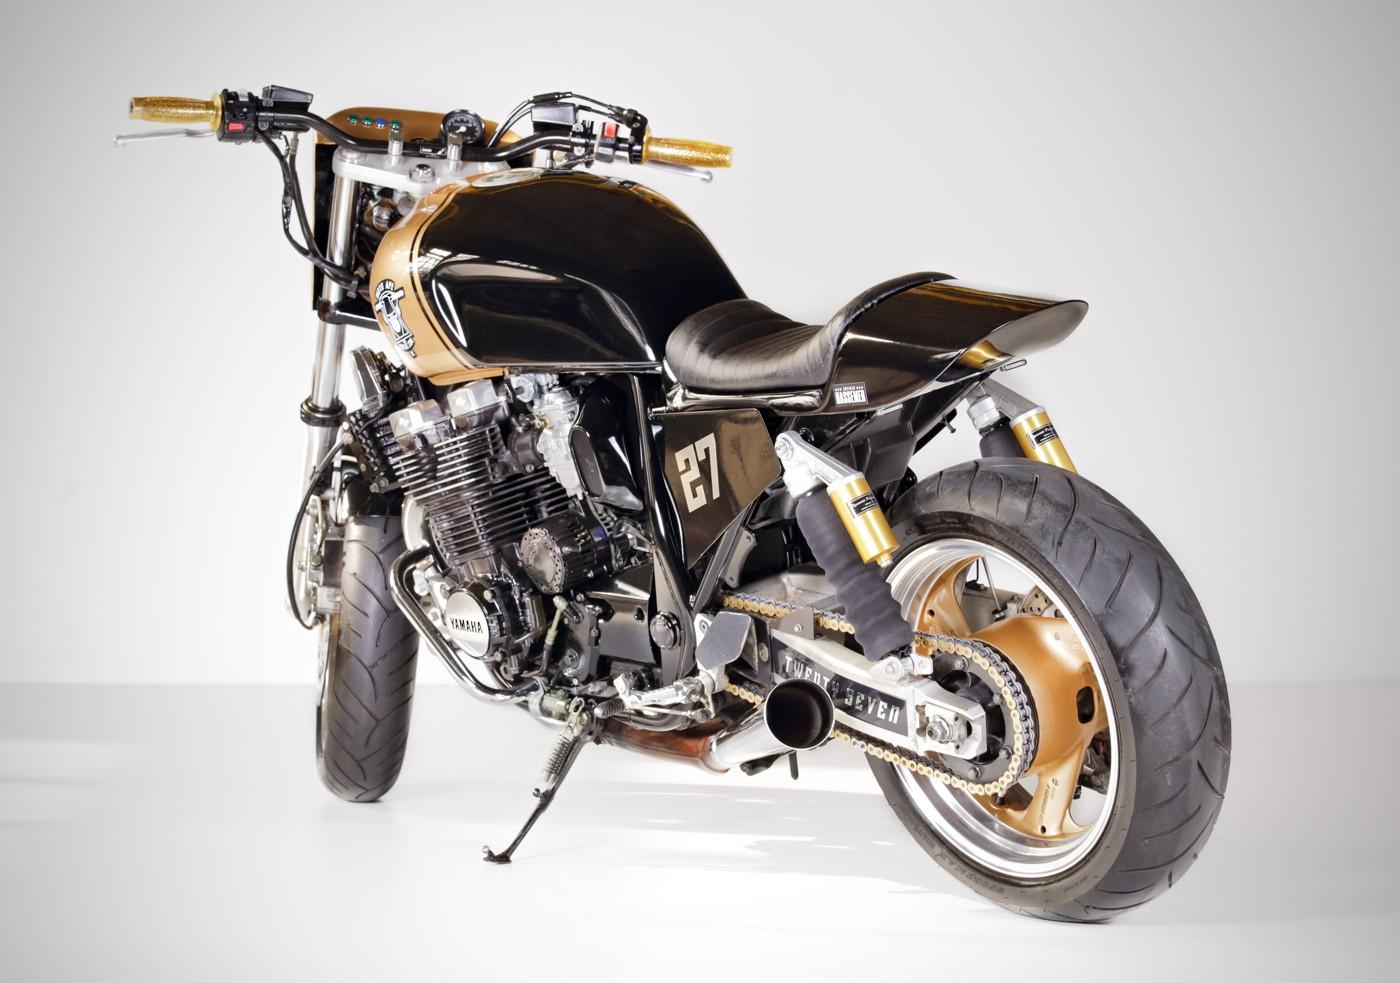 ESPIAT / Zweirad-Hassemer Gold Rush XJR 1200 Street Tracker Umbau